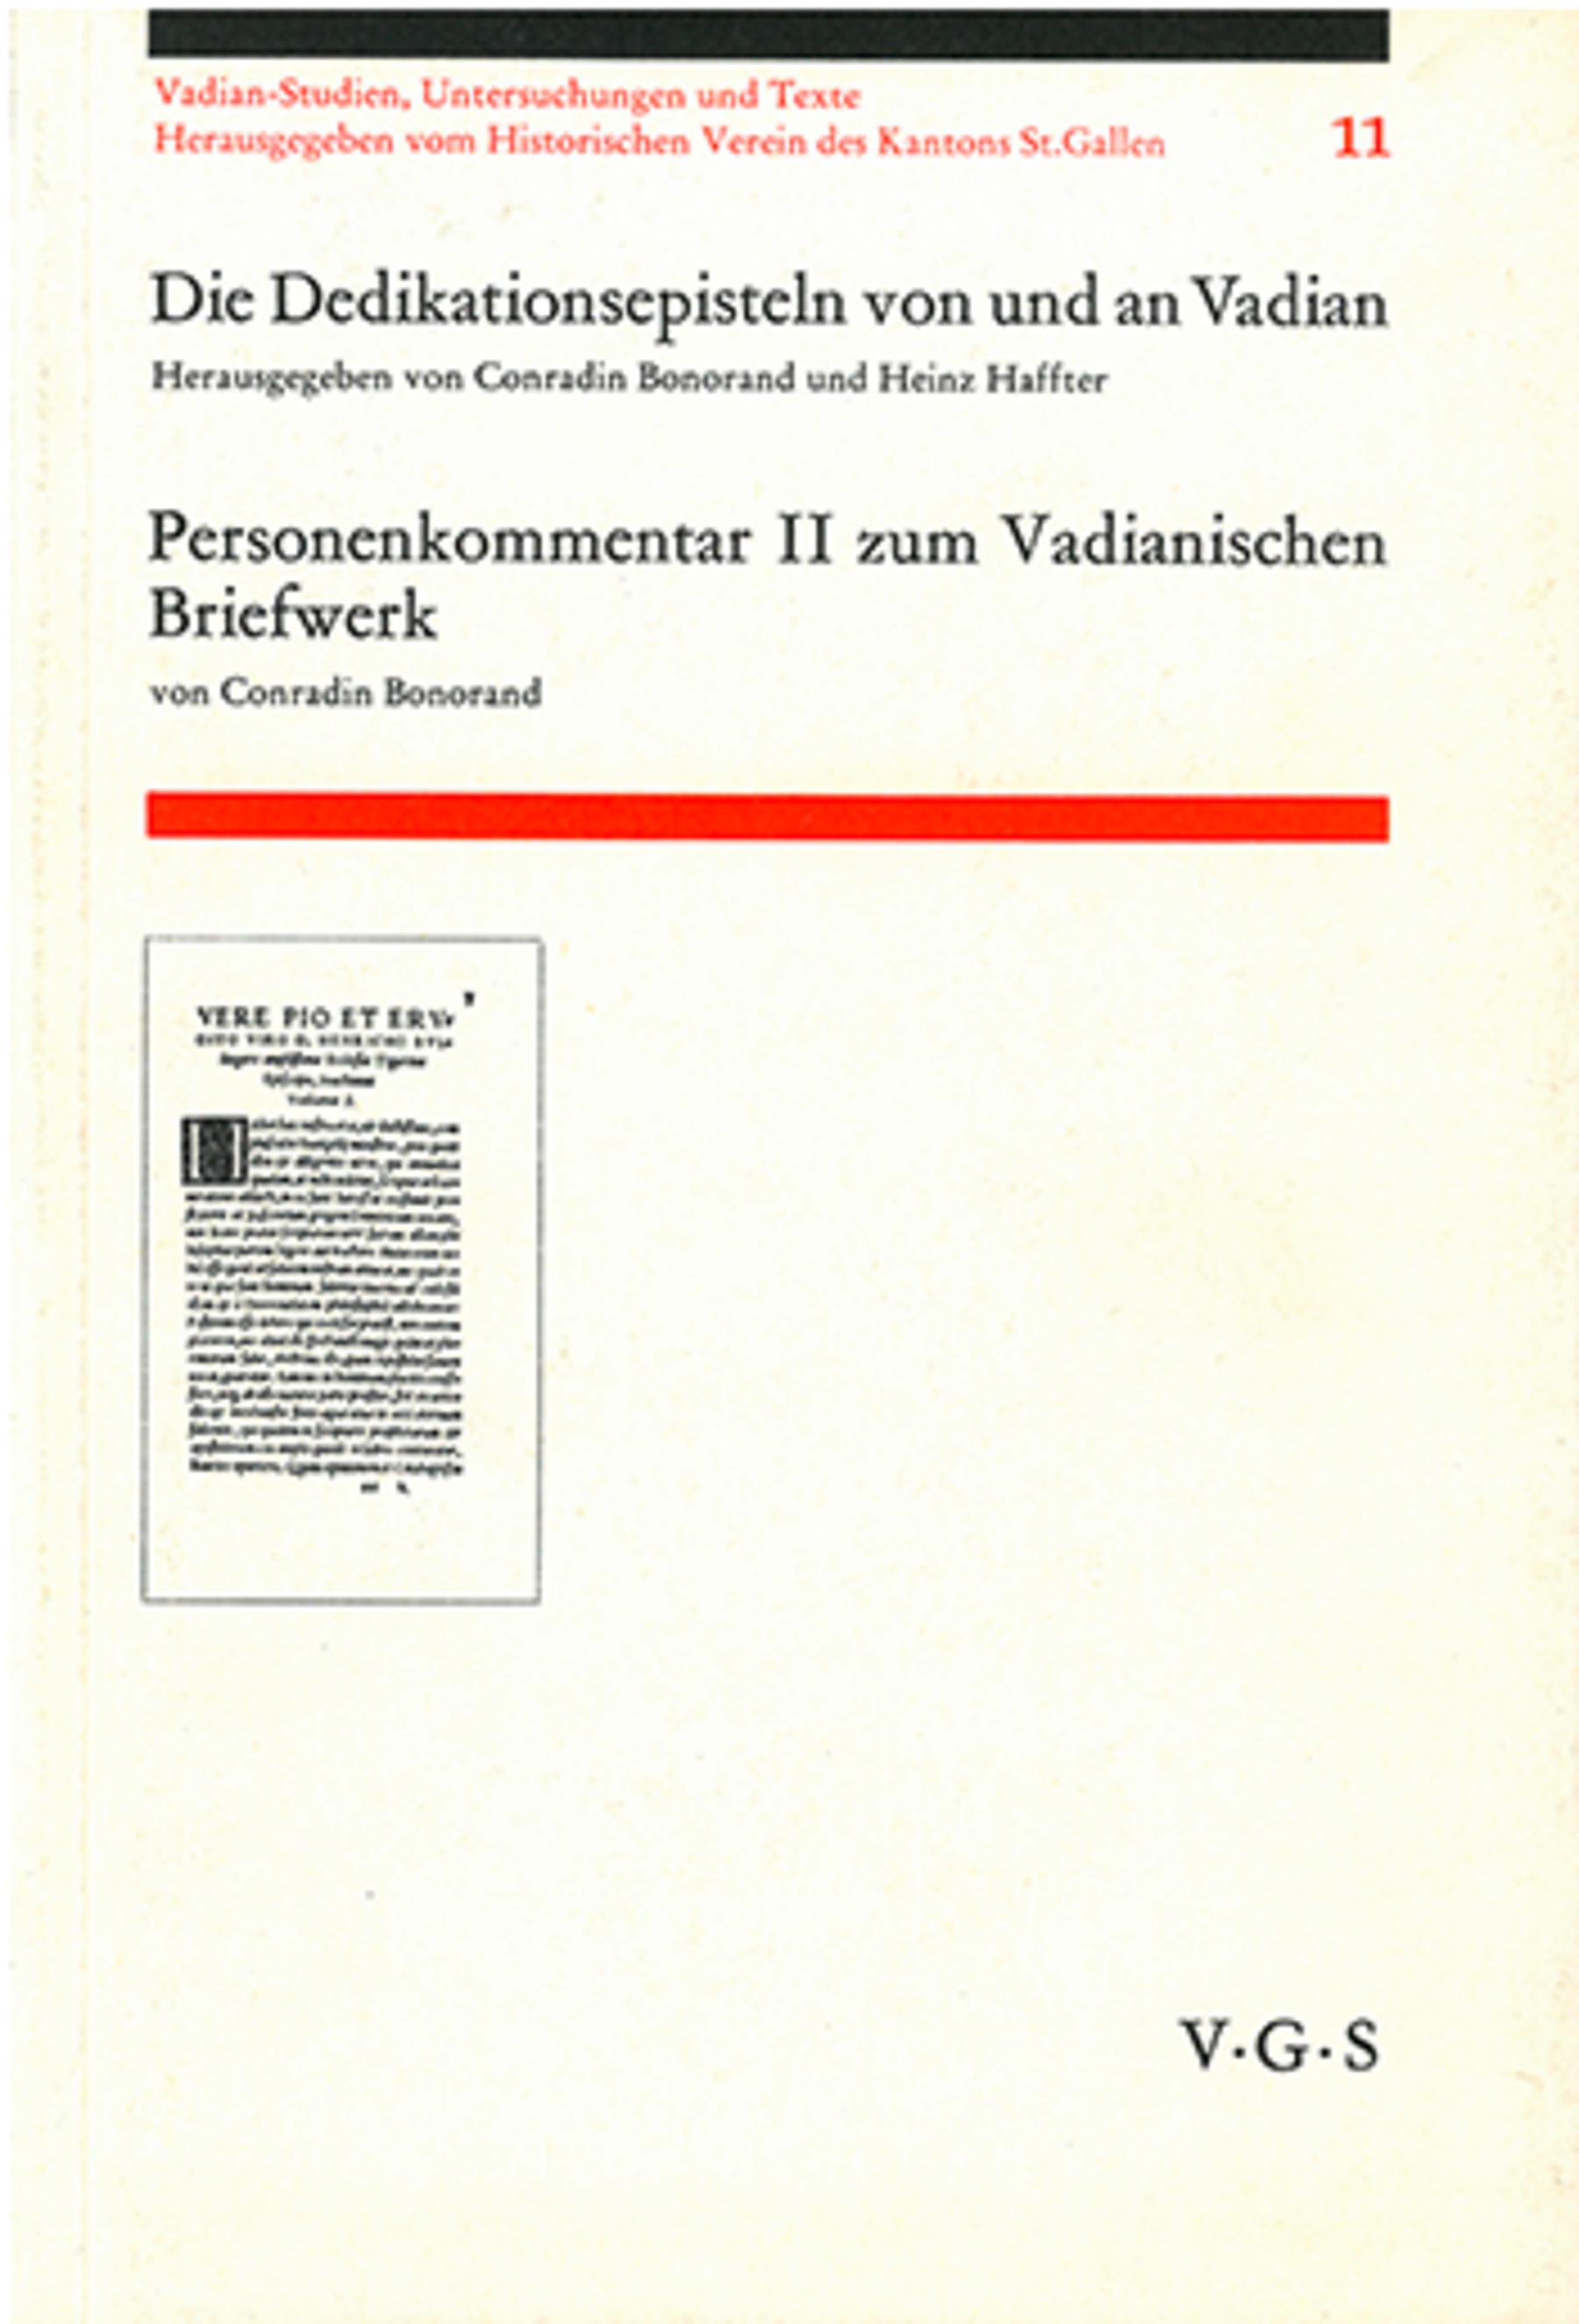 Die Dedikationsepisteln von und an Vadian <p><p>Personenkommentar II zum Vadiani